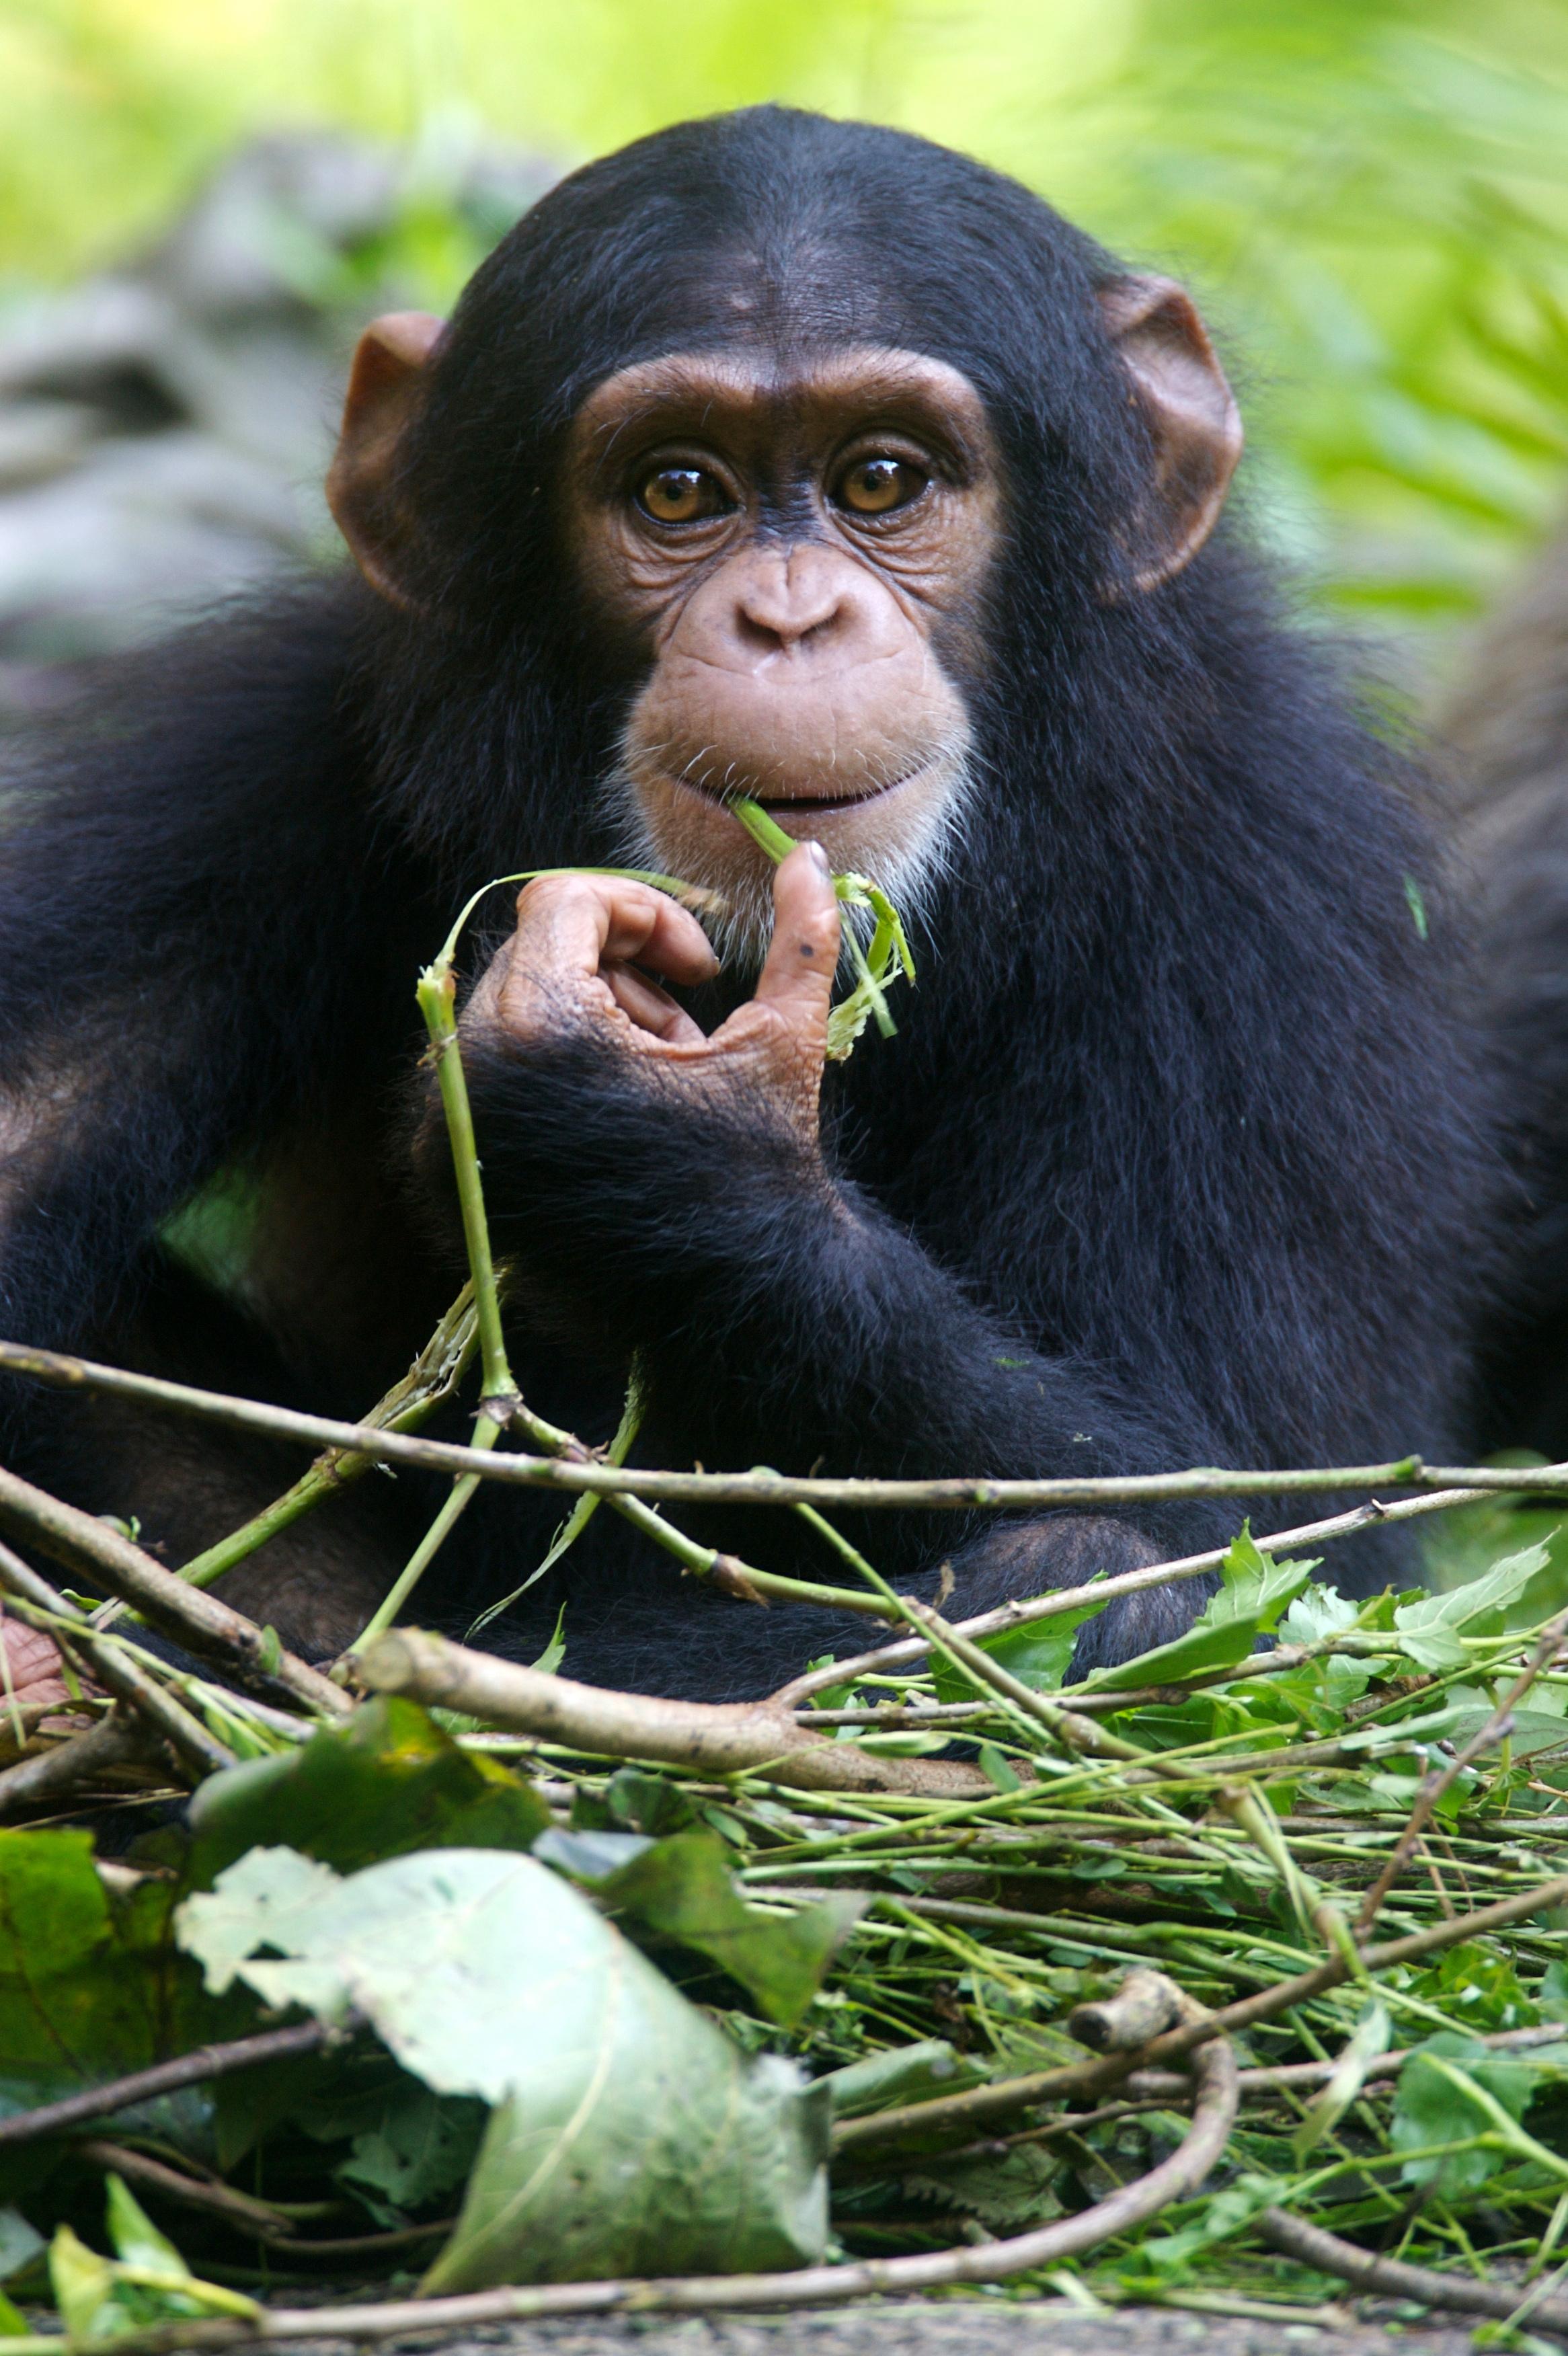 Sommes-nous finalement en train de reproduire un comportement de survie qui existe chez la plupart des espèces animales ? (Visuel Adobe Stock 4472217)